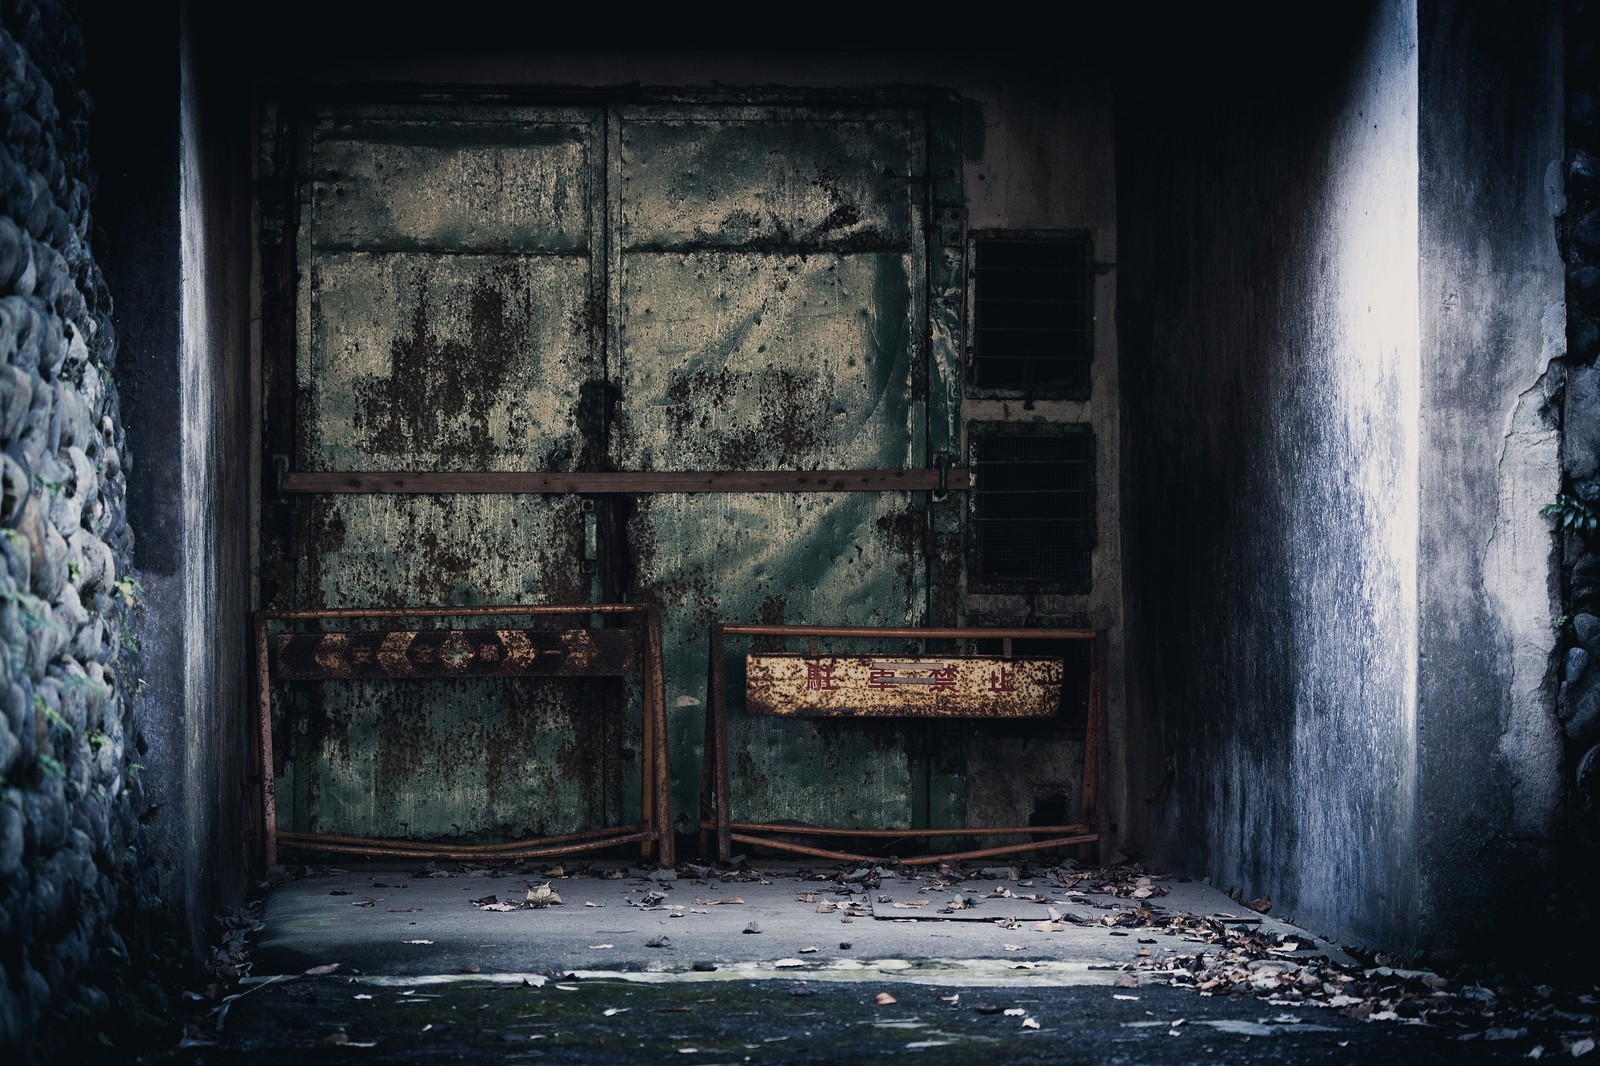 「立ち入り禁止の封鎖された入り口立ち入り禁止の封鎖された入り口」のフリー写真素材を拡大